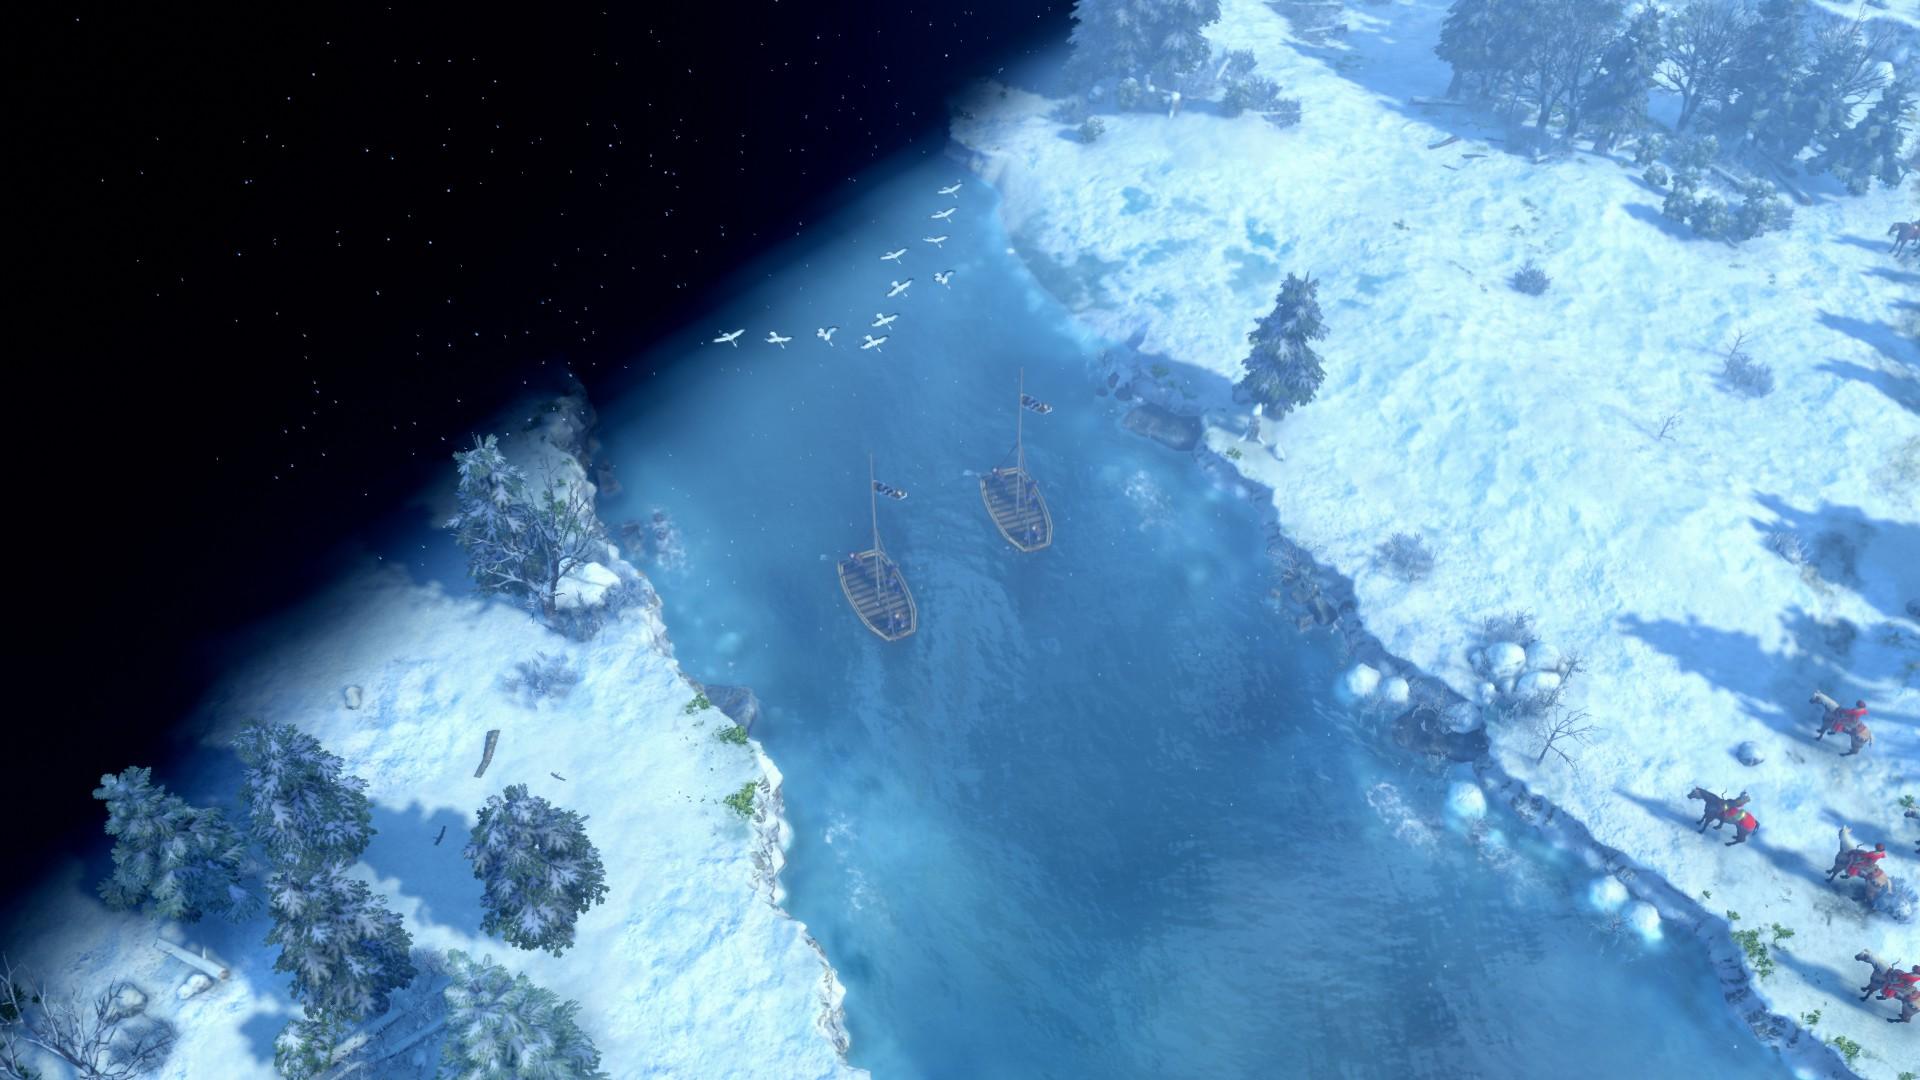 《帝国时代3:决定版》评测:更臻完善的必然之作